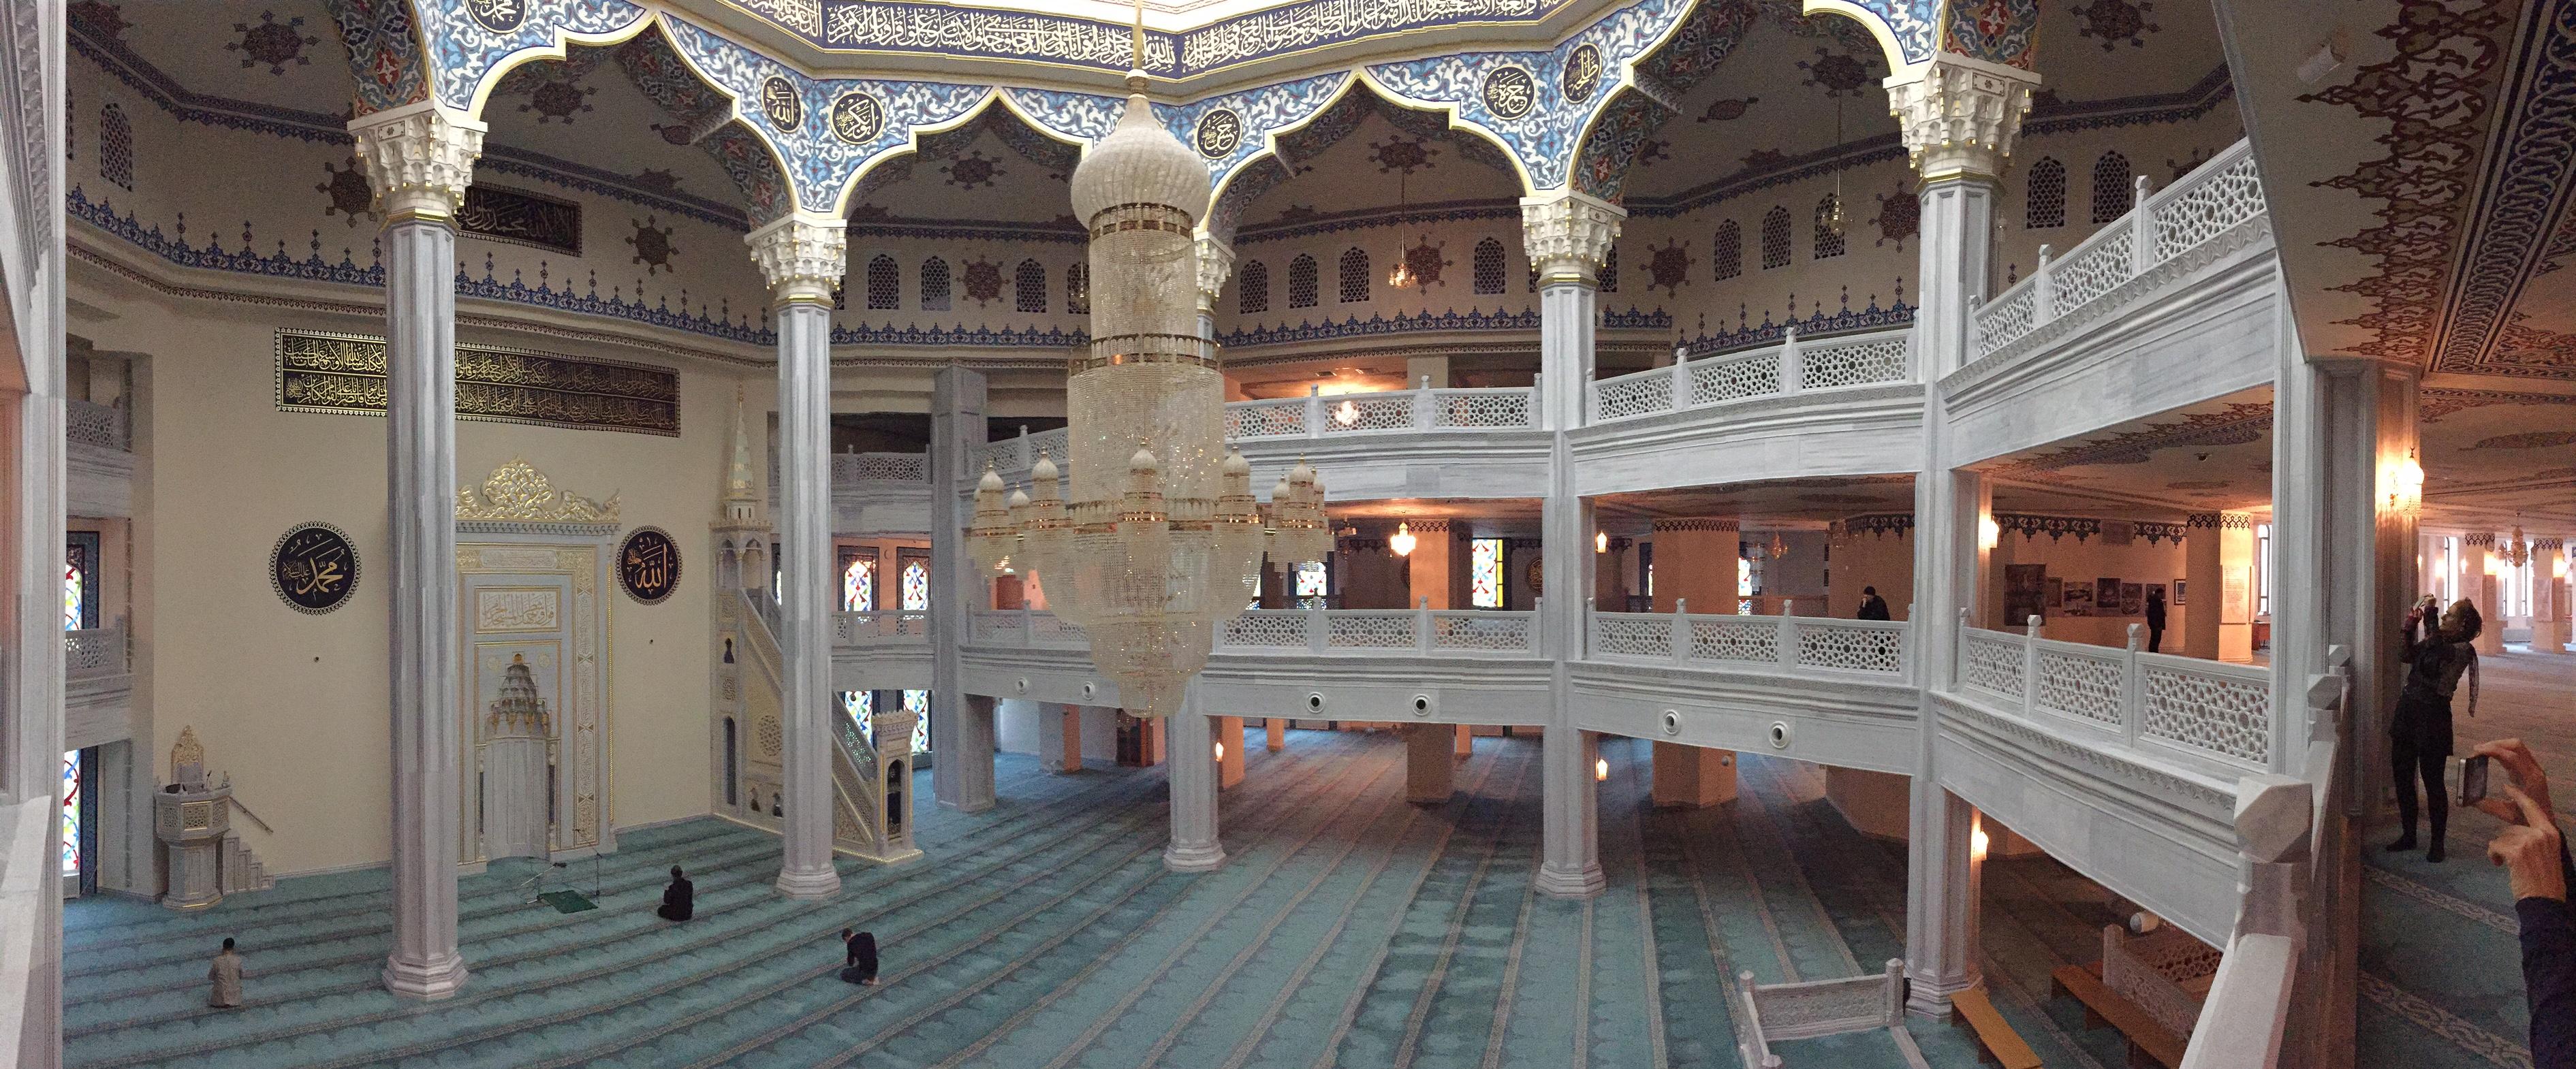 Ein Blick durch den Innenraum der Moschee